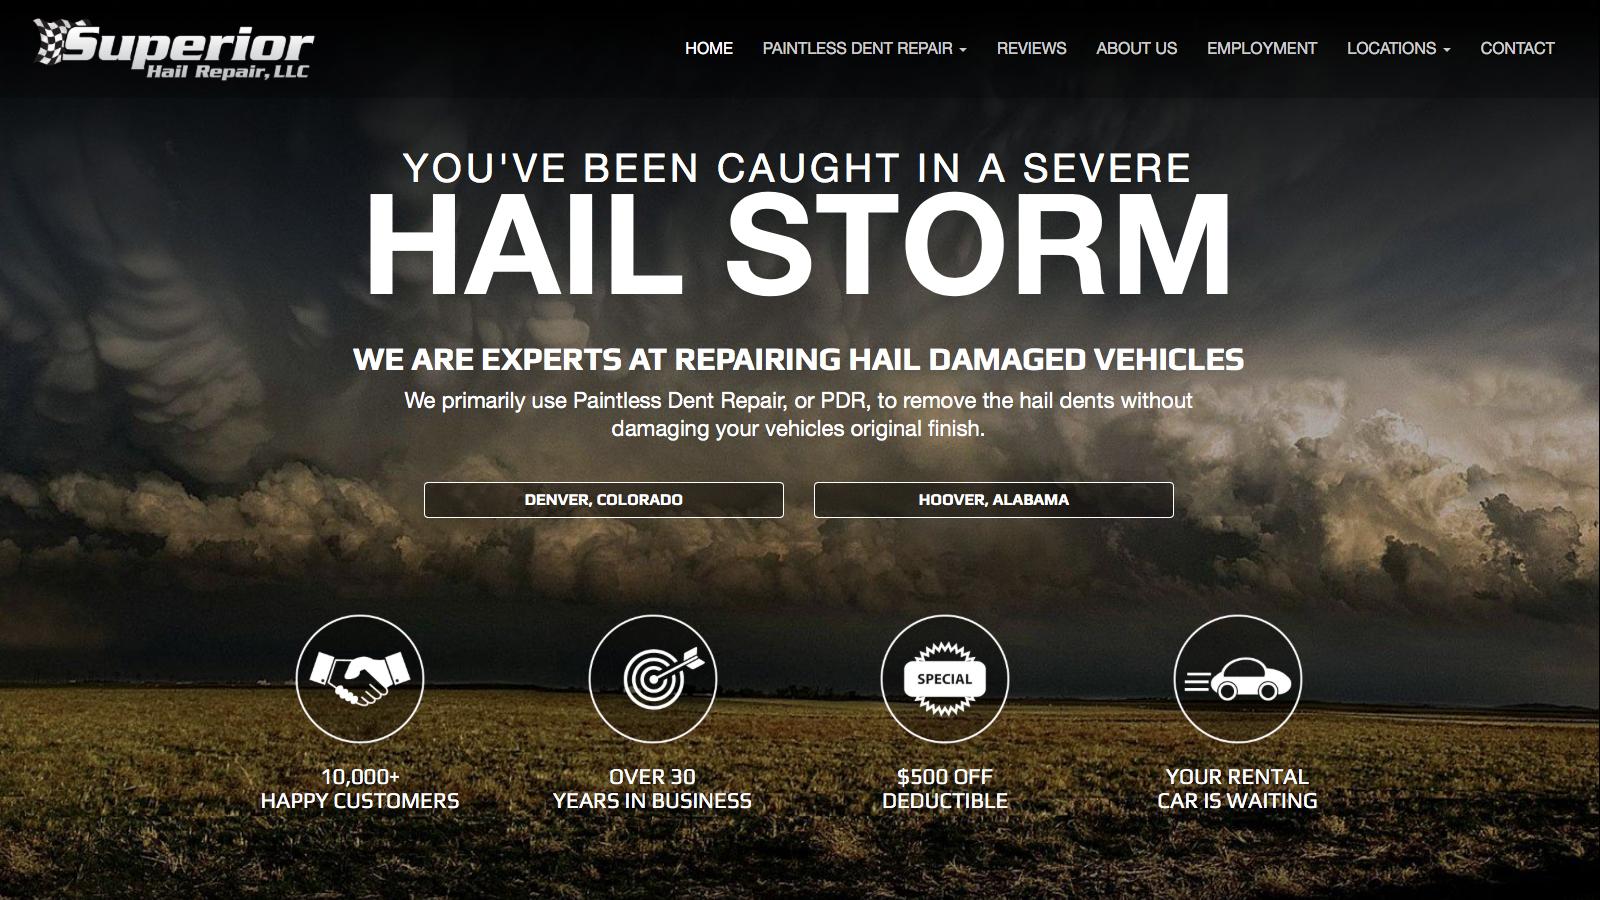 Superior Hail Repair Home Page